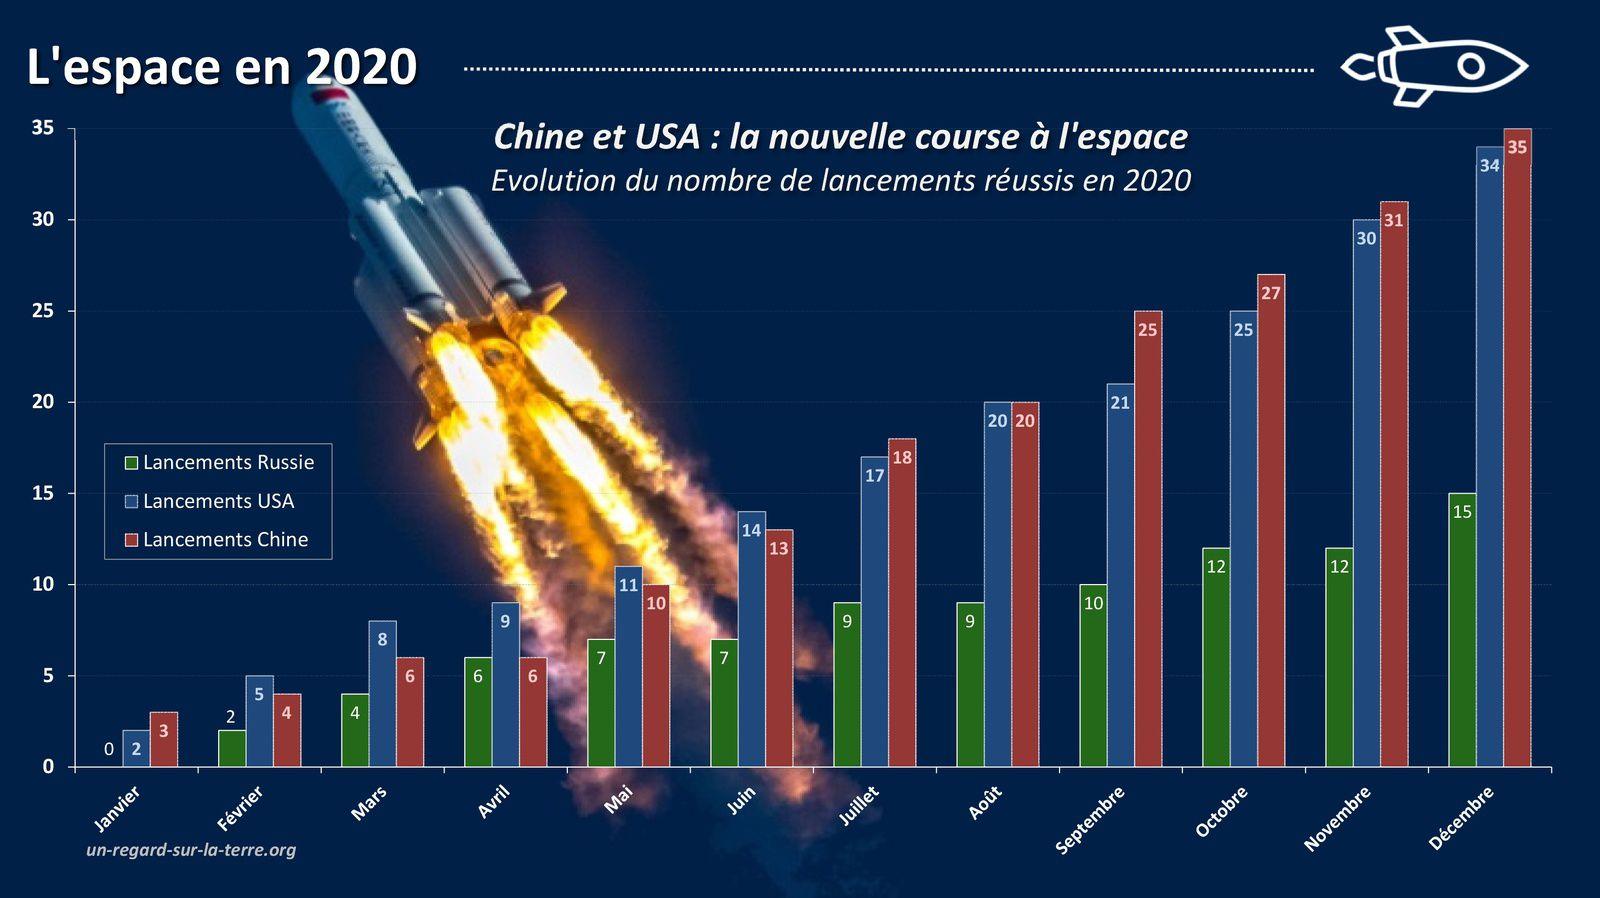 Année spatiale 2020 - Lancements orbitaux - Pays lanceurs - Spacefairing nations  - puissances spatiales - géostratégie spatiale - space activities worldwide - bilan des lancements - 2020 in space by the numbers - Chine - USA - Russie - Europe - Inde - Japon - Israël - Iran - Nouvelle-Zélande - Course à la Lune - Conquête spatiale - Compétition - Space race